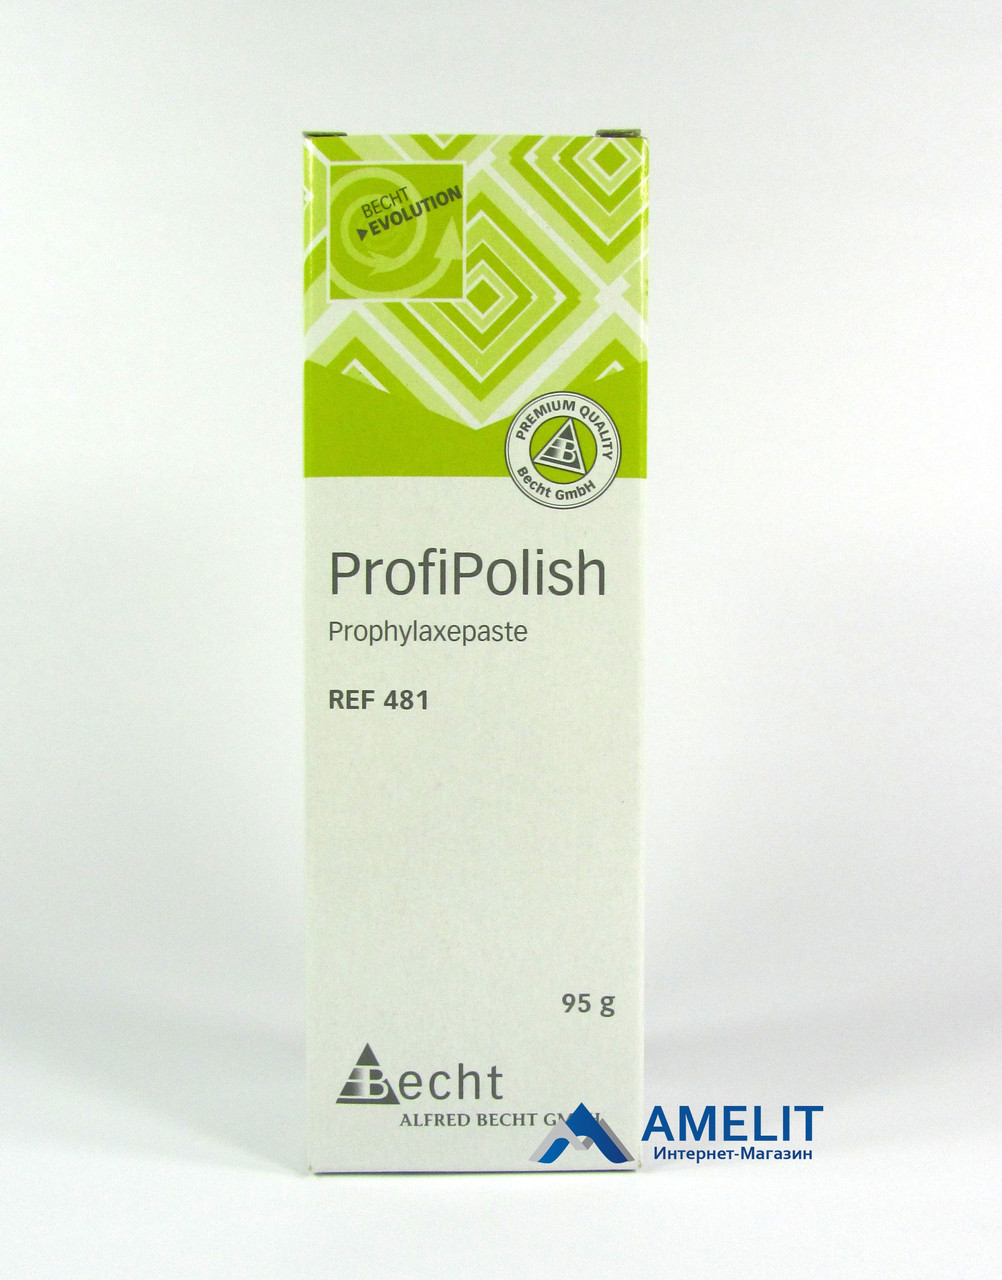 Паста ПрофиПолиш (ProphyPolish), паста 95г